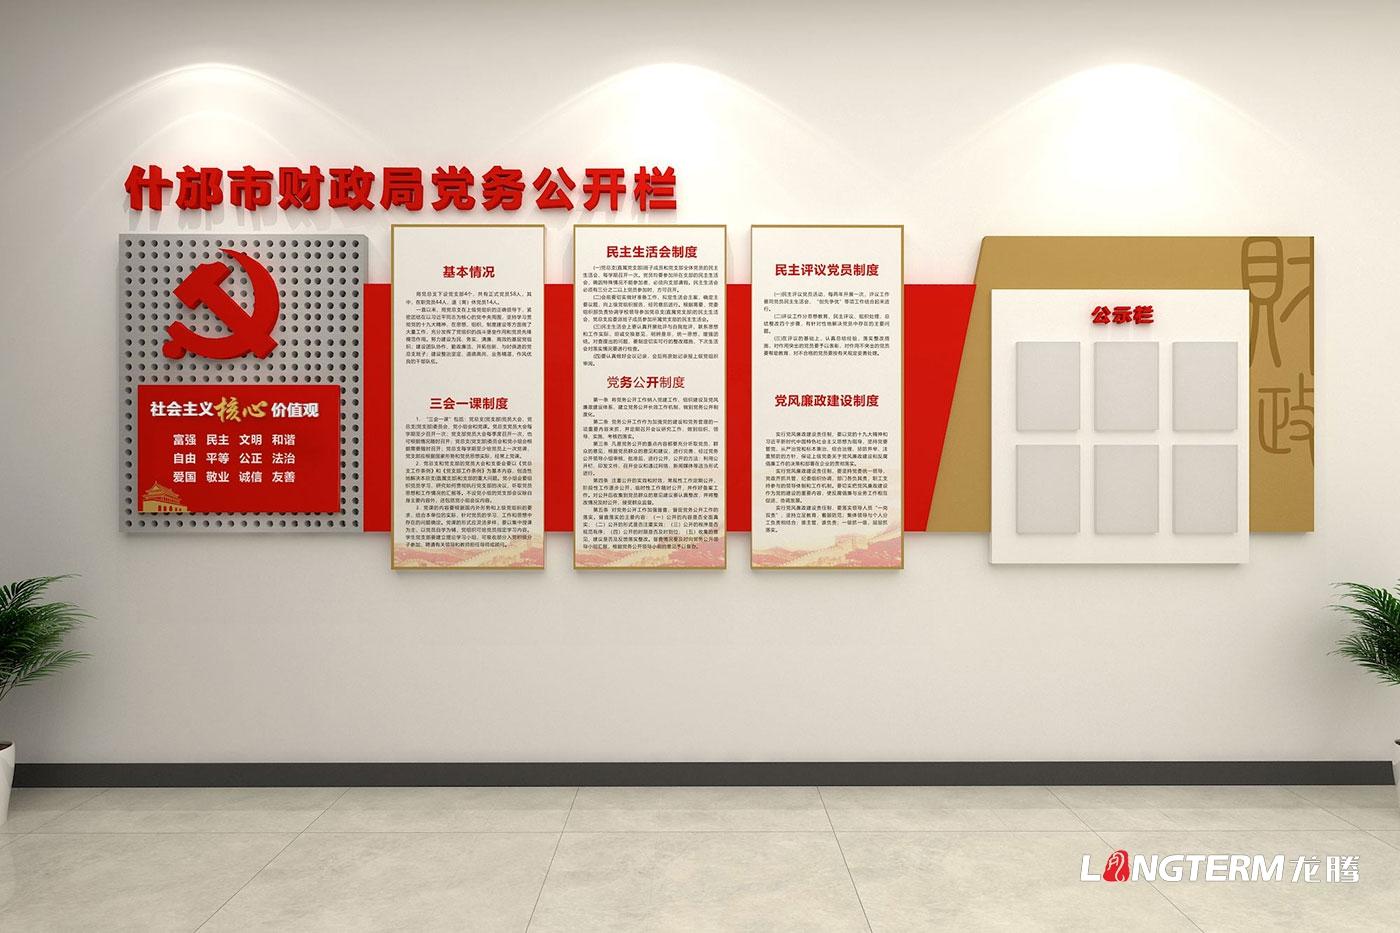 什邡财政局机关文化氛围策划设计_政府机关事业单位办公大楼文化氛围提升设计方案